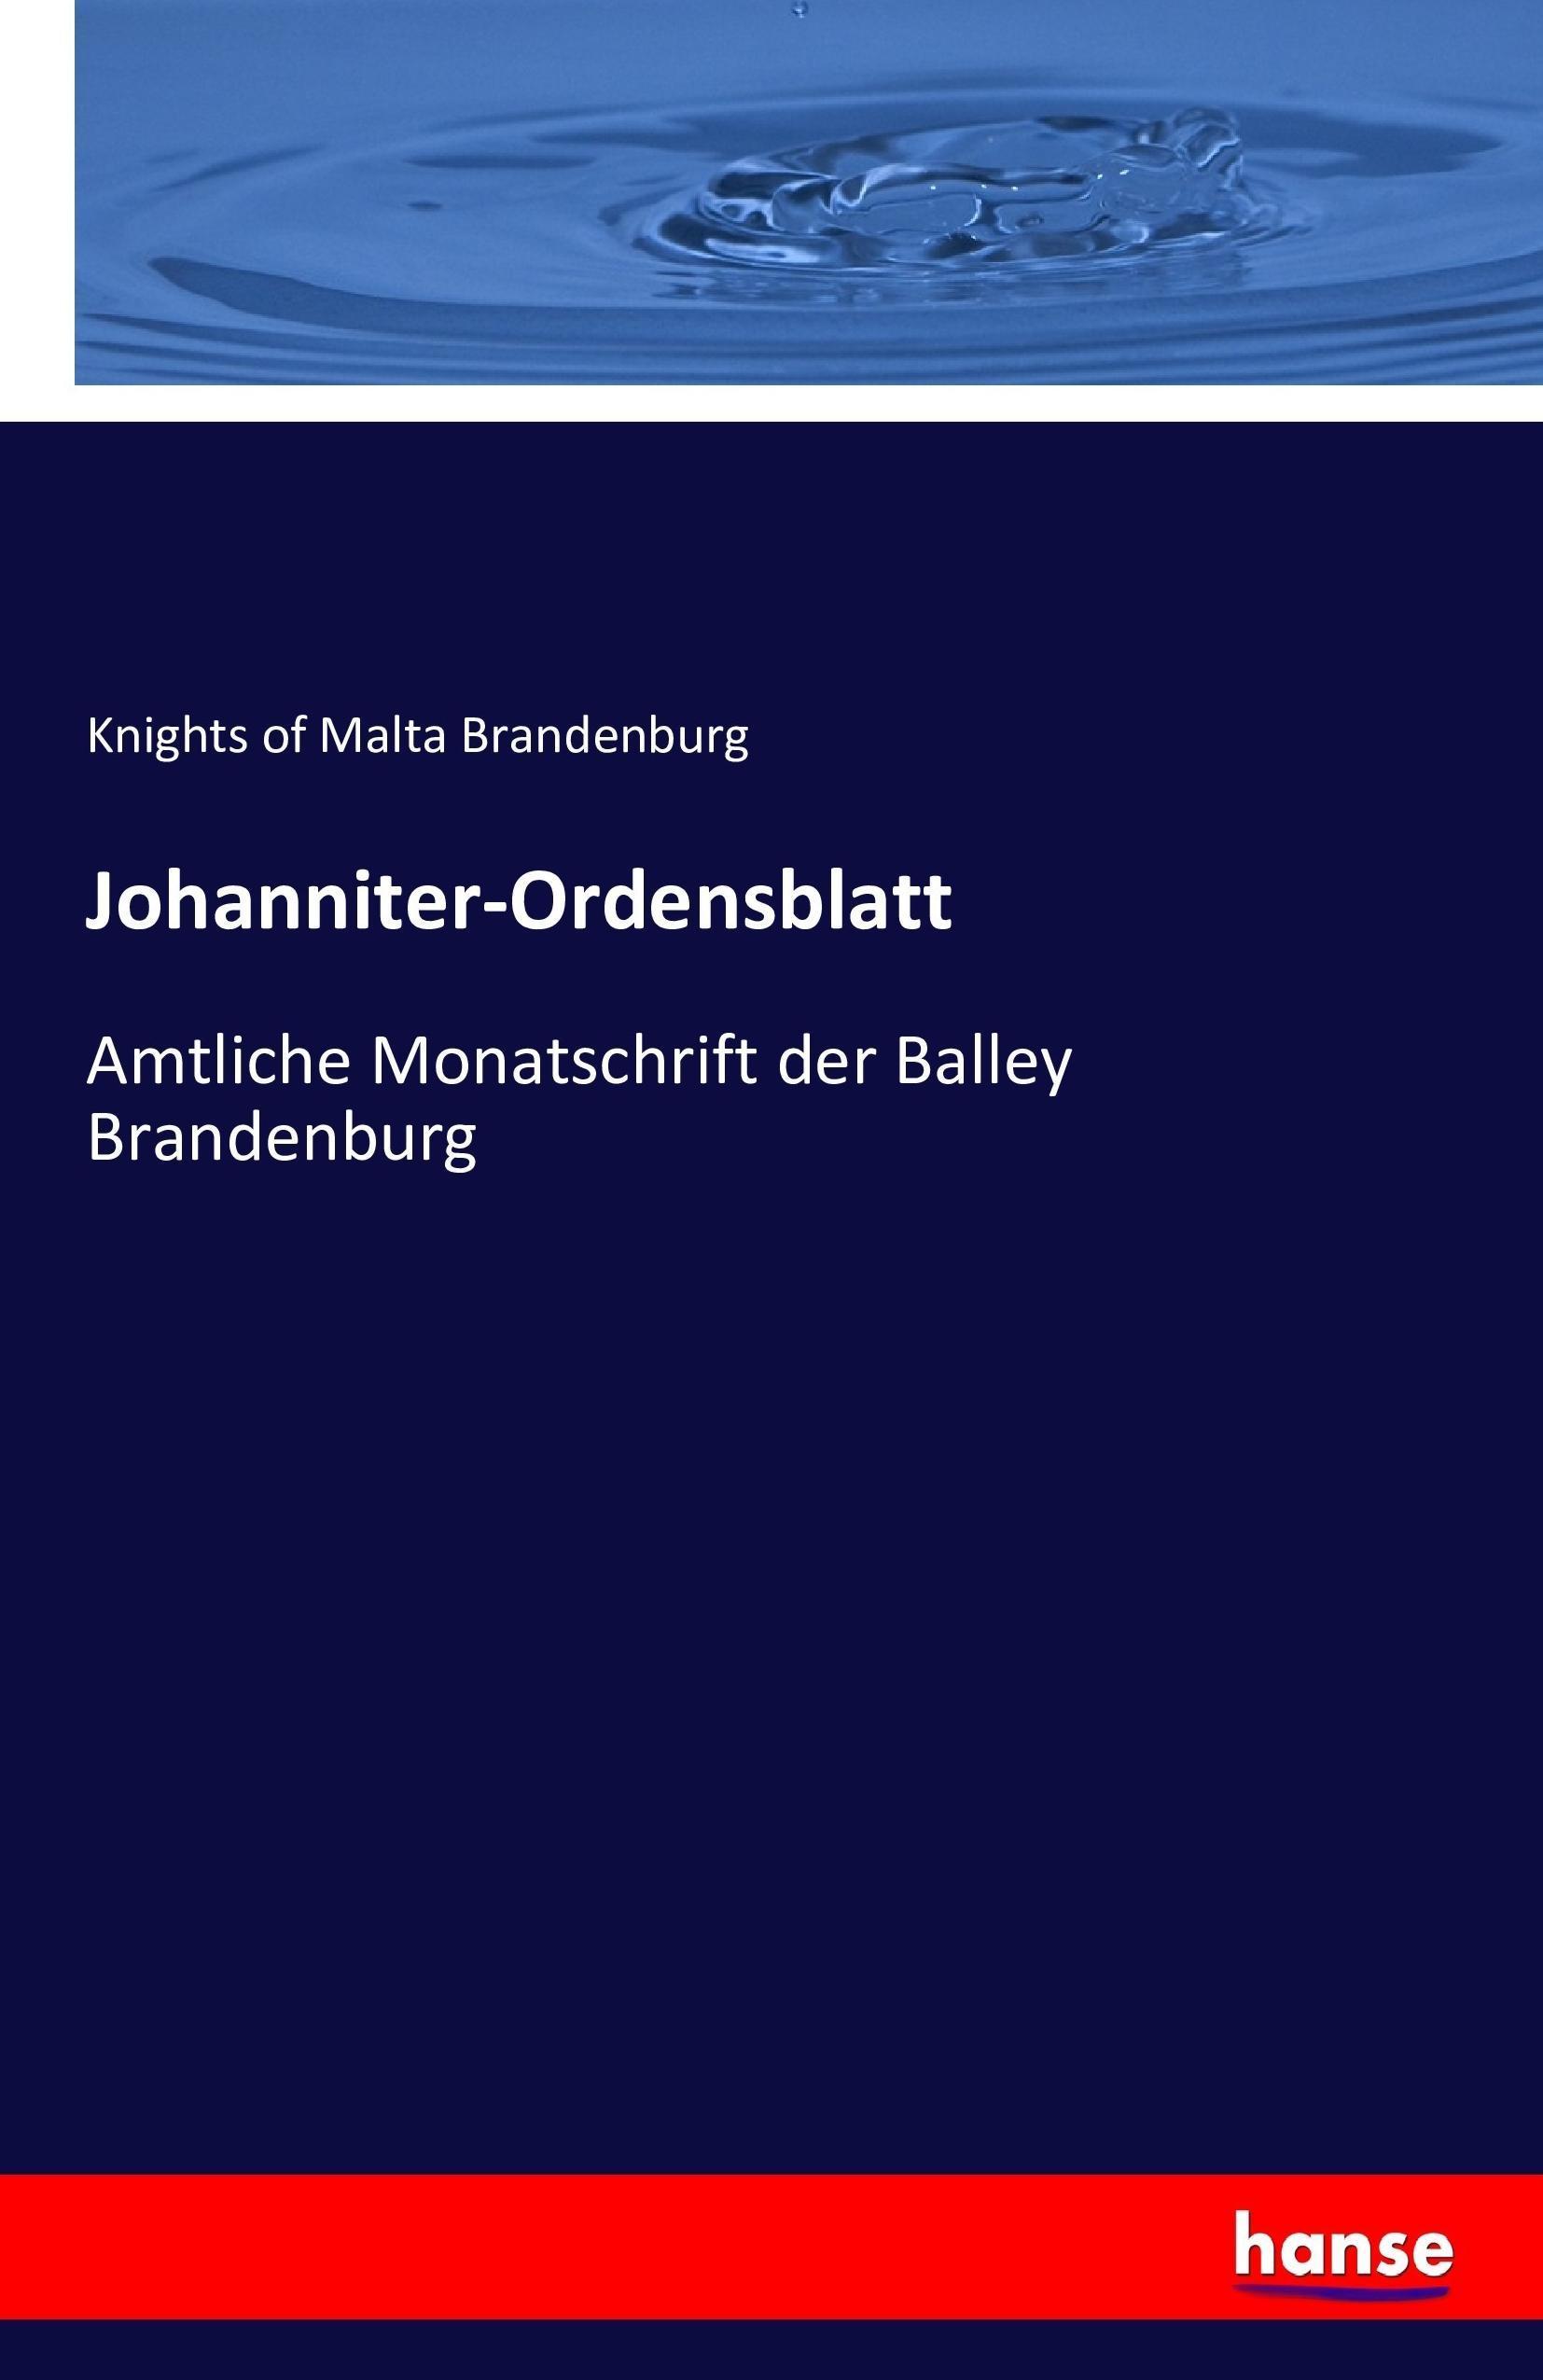 Johanniter-Ordensblatt - Knights Of Malta Brandenburg -  9783742800206